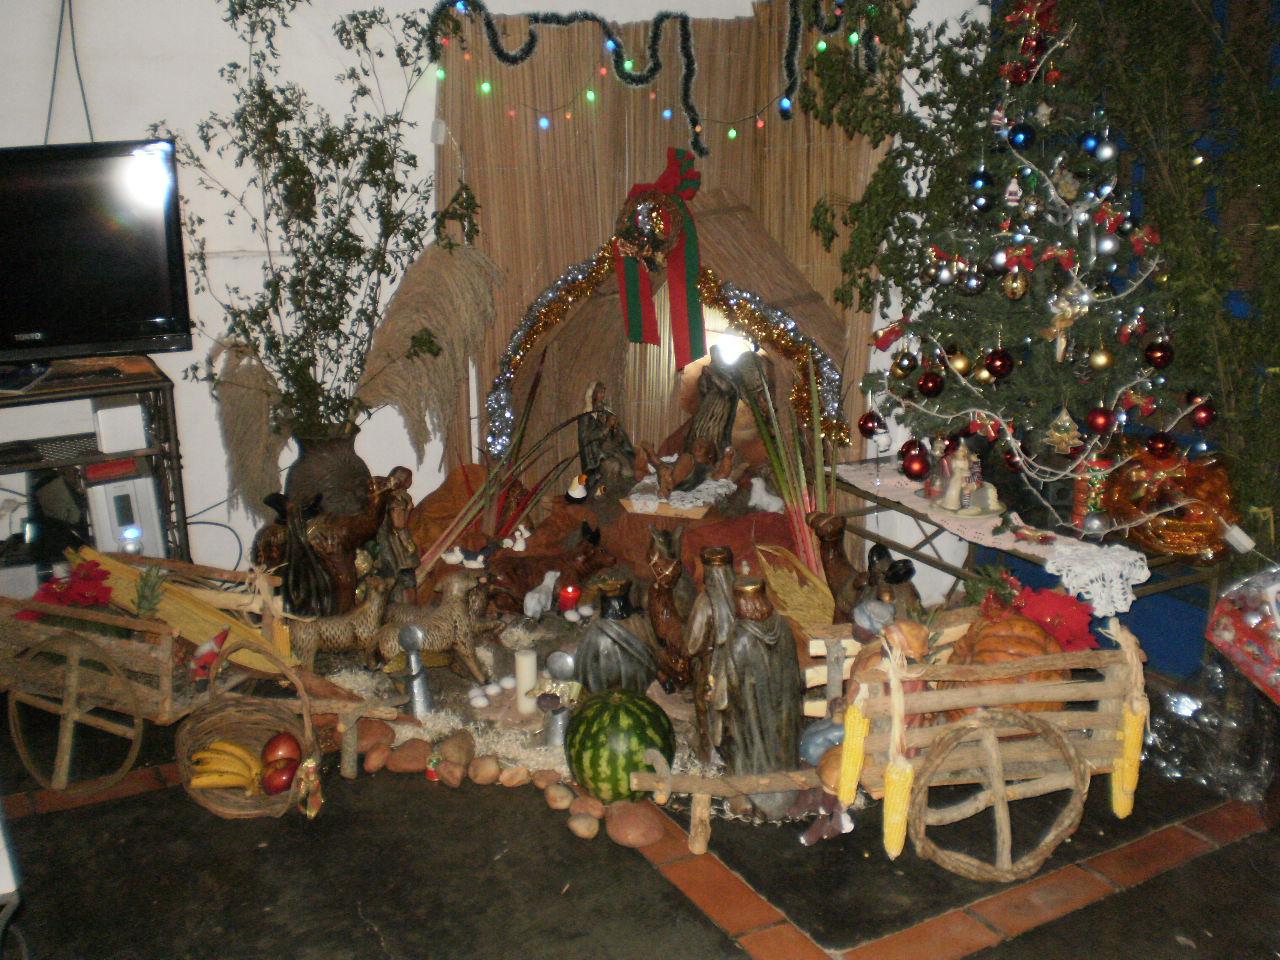 UNA FAMILIA DE GRAN CORAZON: DESPIDIENDO EL AÑO 2011 EN CASA DE ...